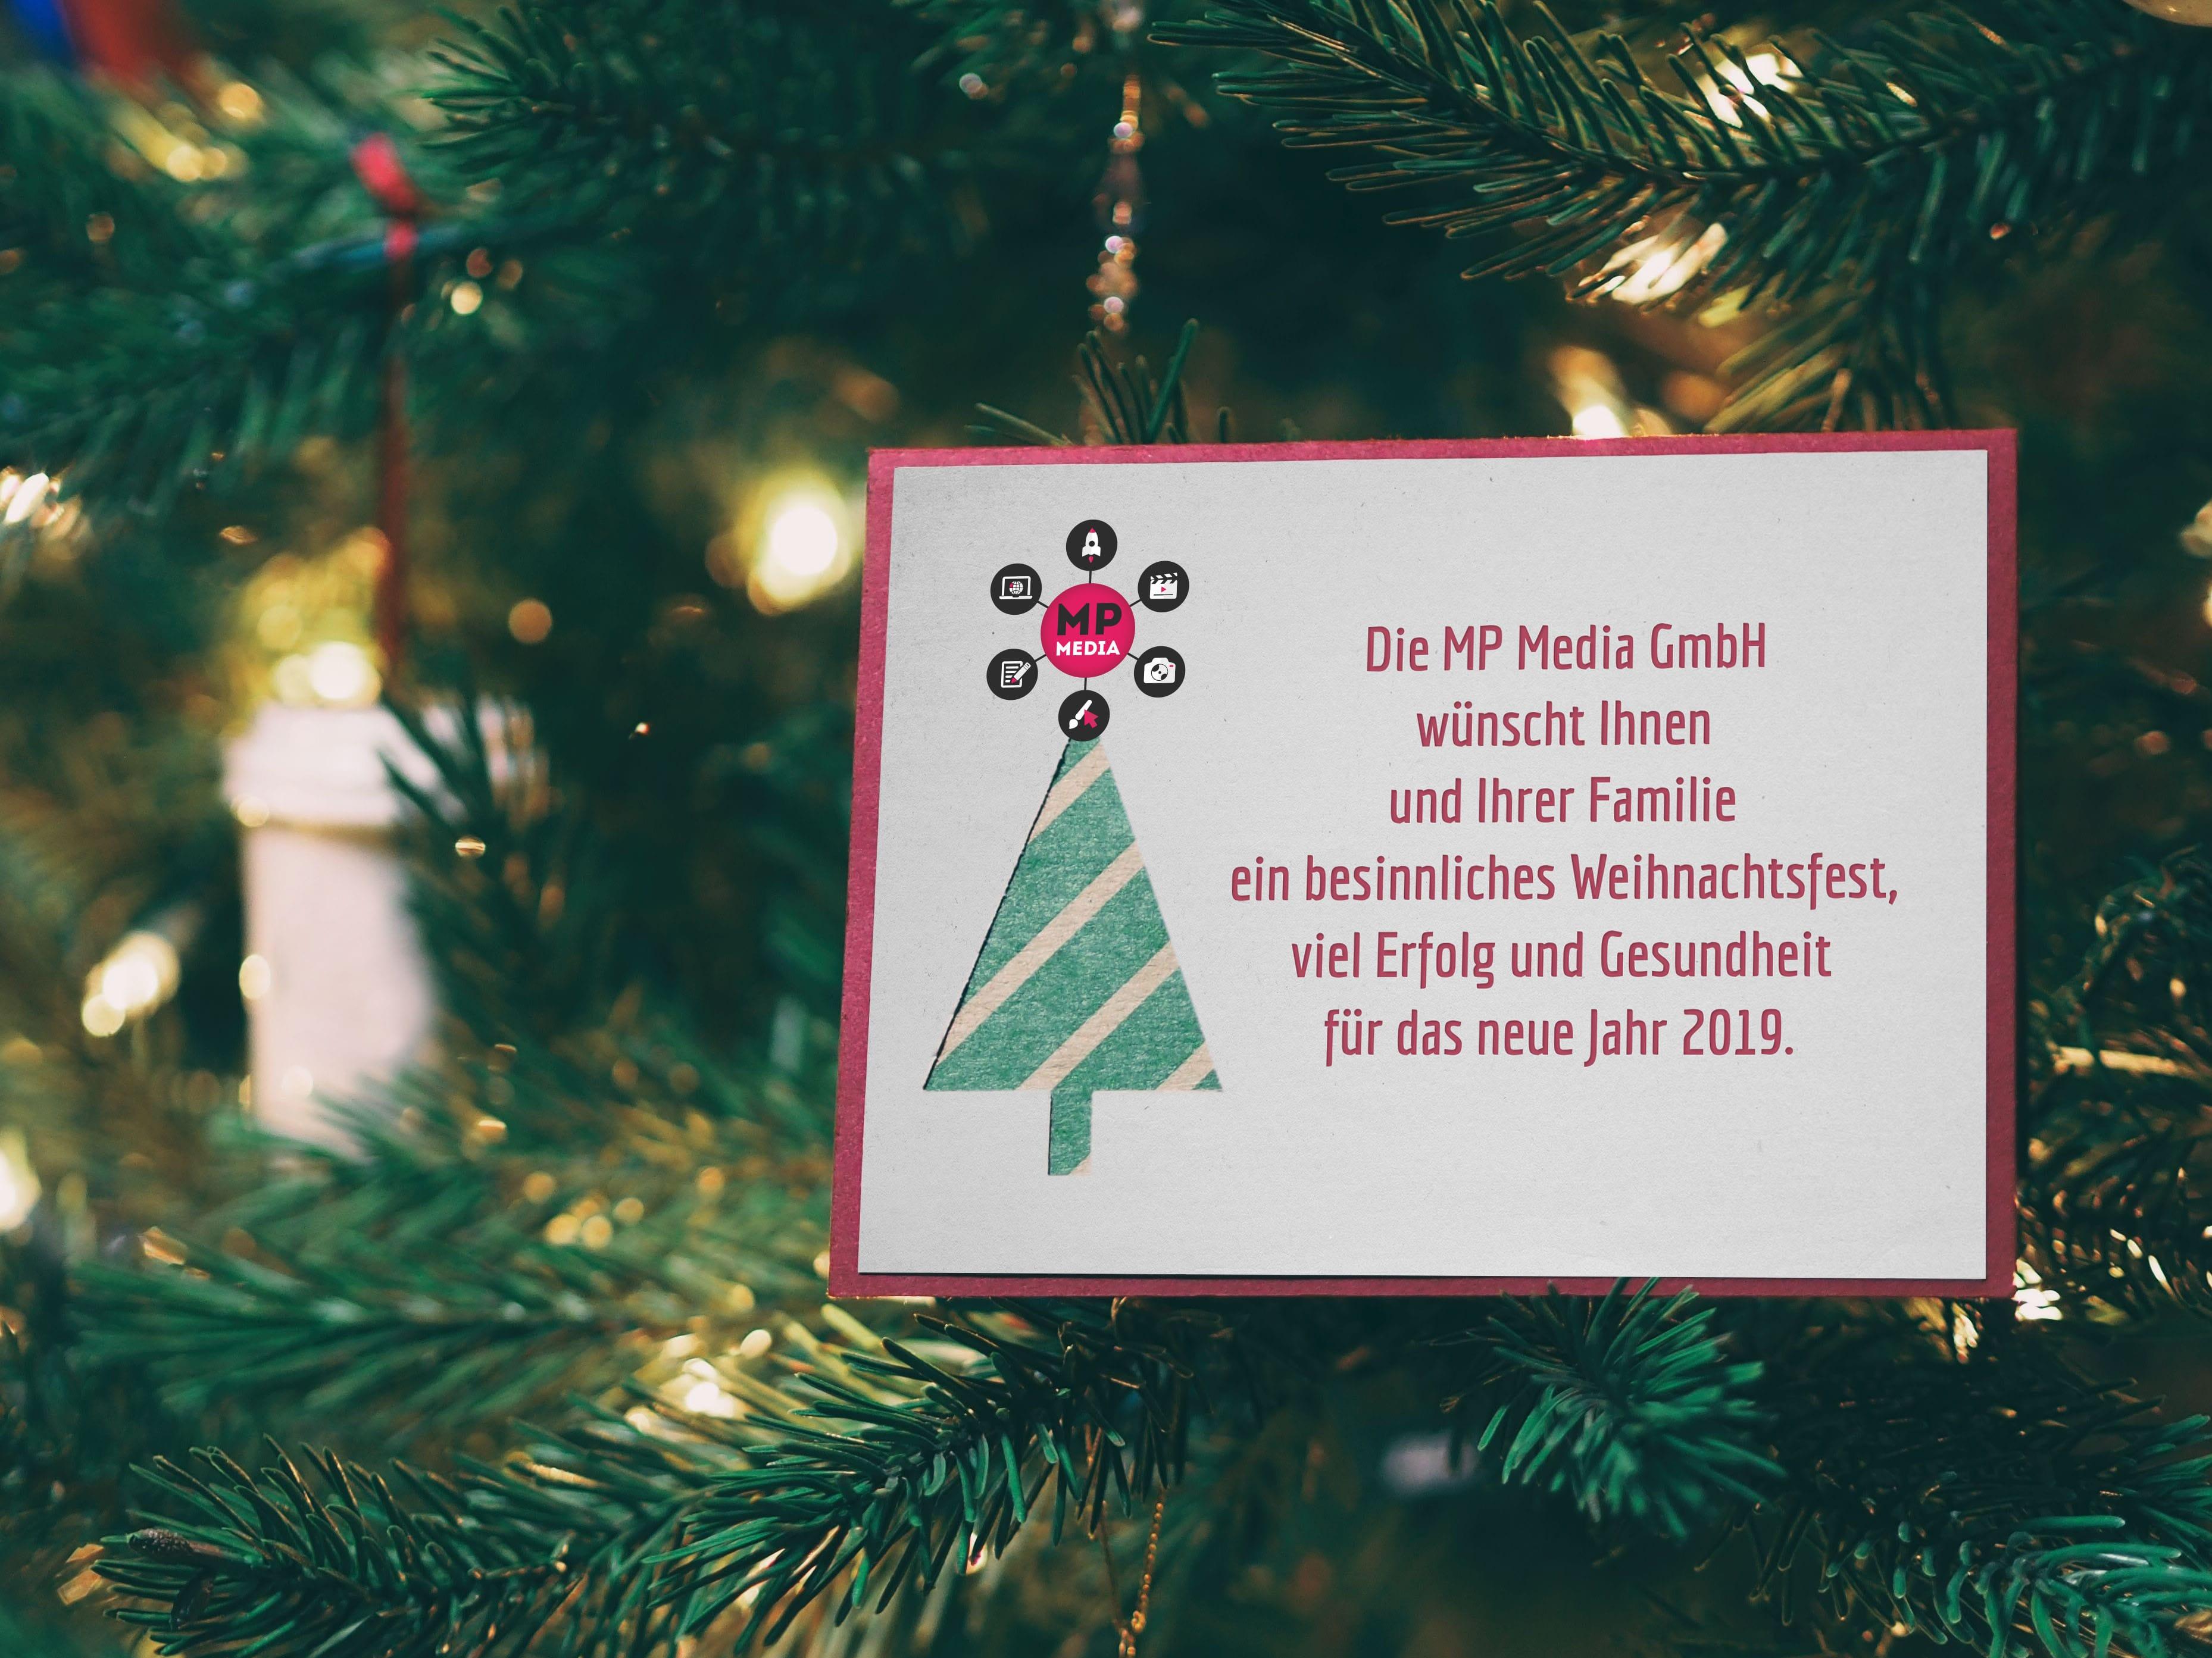 Besinnliche Weihnachten Und Einen Guten Rutsch Ins Neue Jahr.Mp Media Gmbh Mp Media Wünscht Frohe Weihnachten Und Einen Guten